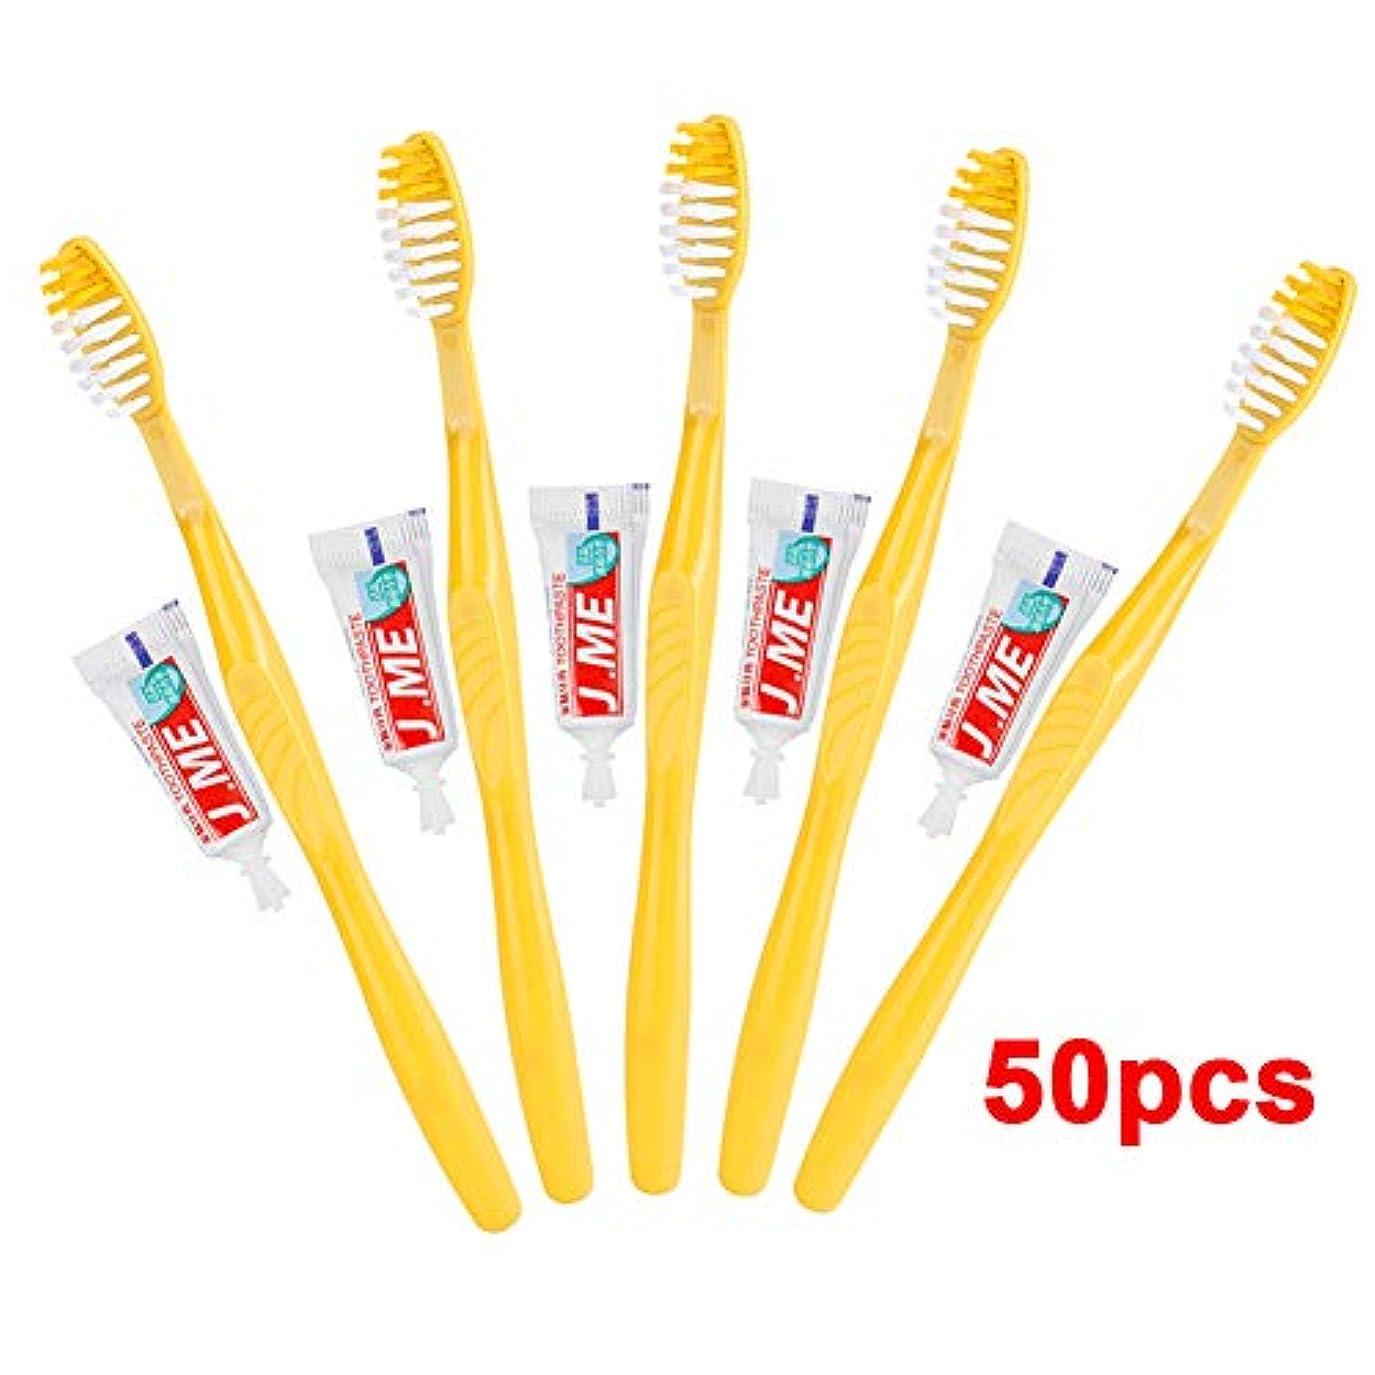 虎到着フェリーDoo 超安い 50本入り 業務用使い捨て歯ブラシセット ハミガキ粉付き 使い捨て歯ブラシ ビジネス ホテル 工業用